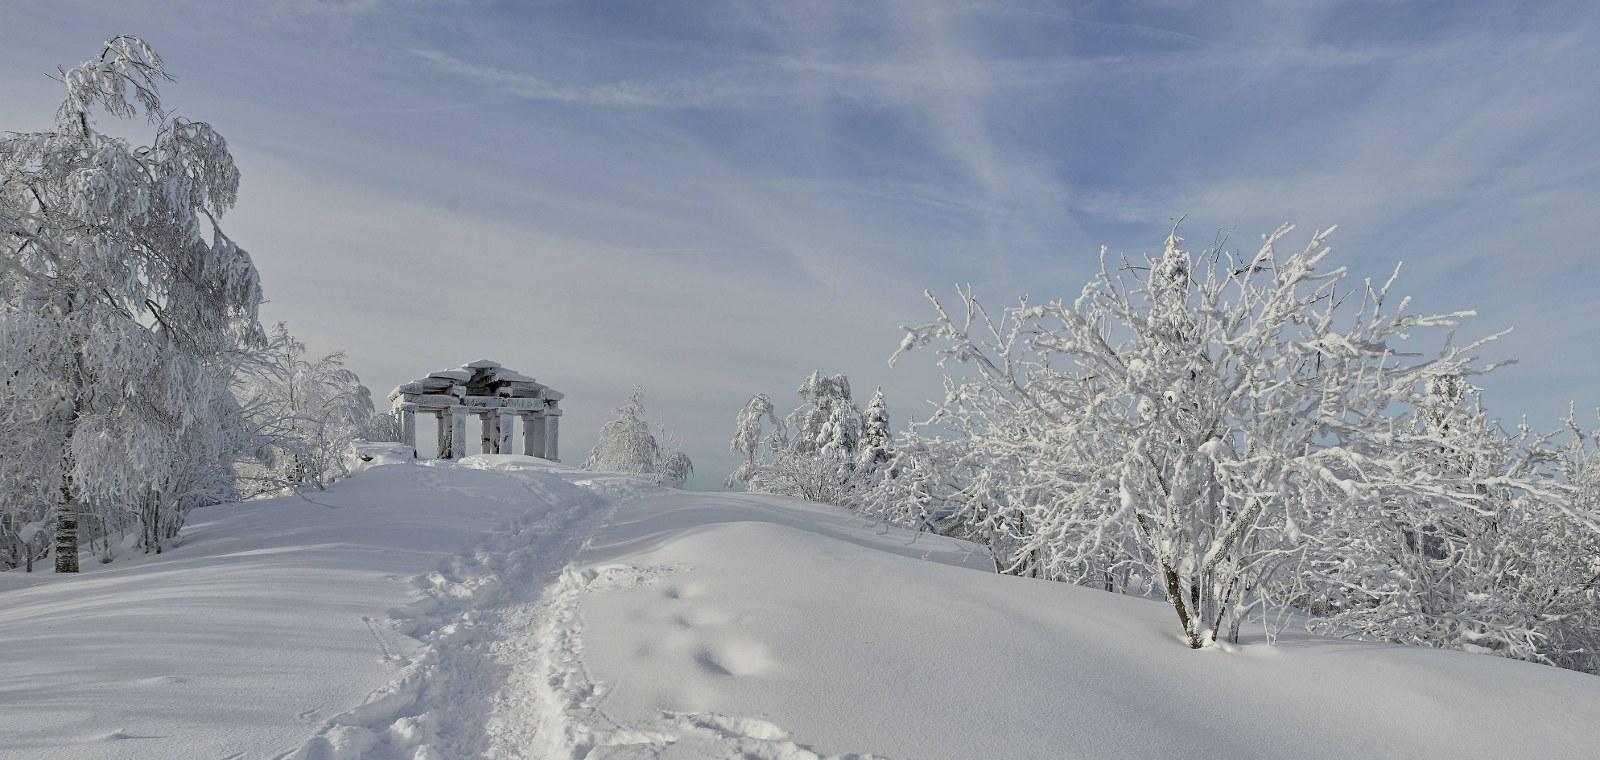 Langlauf und Schneeschuhwanderungen am Donon